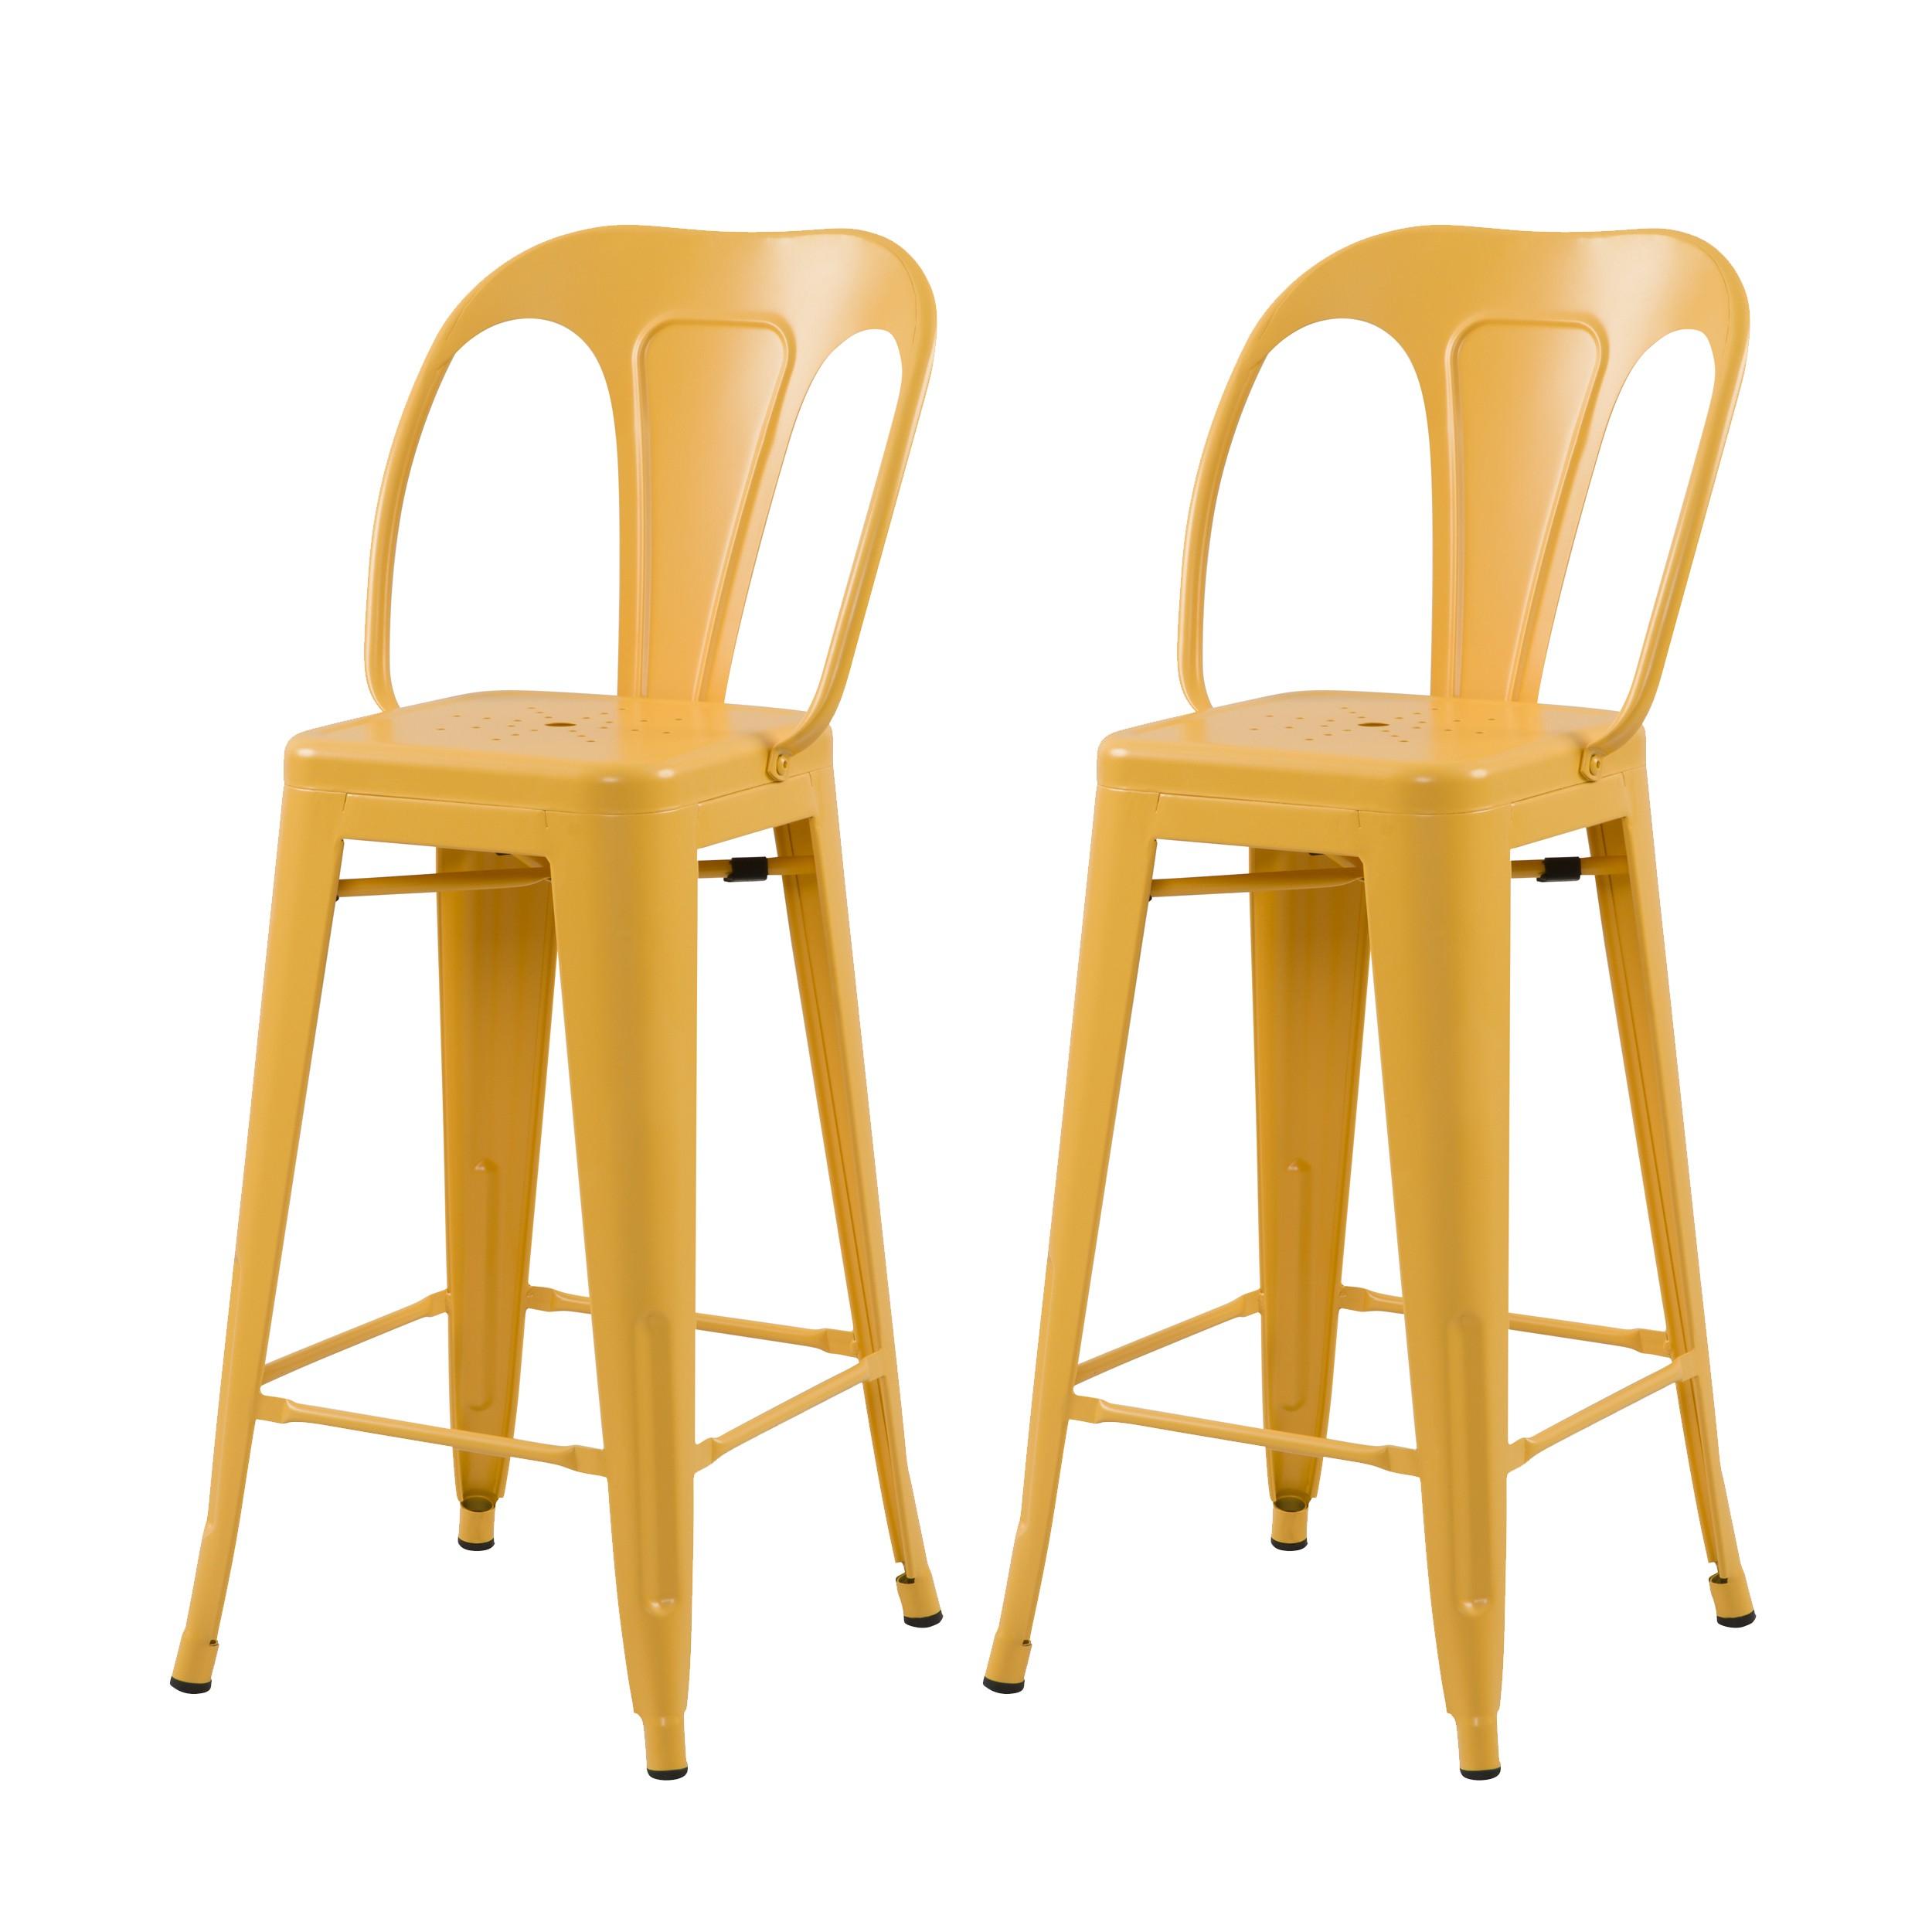 Chaise de bar mi hauteur Indus jaune mat 66 cm (lot de 2)